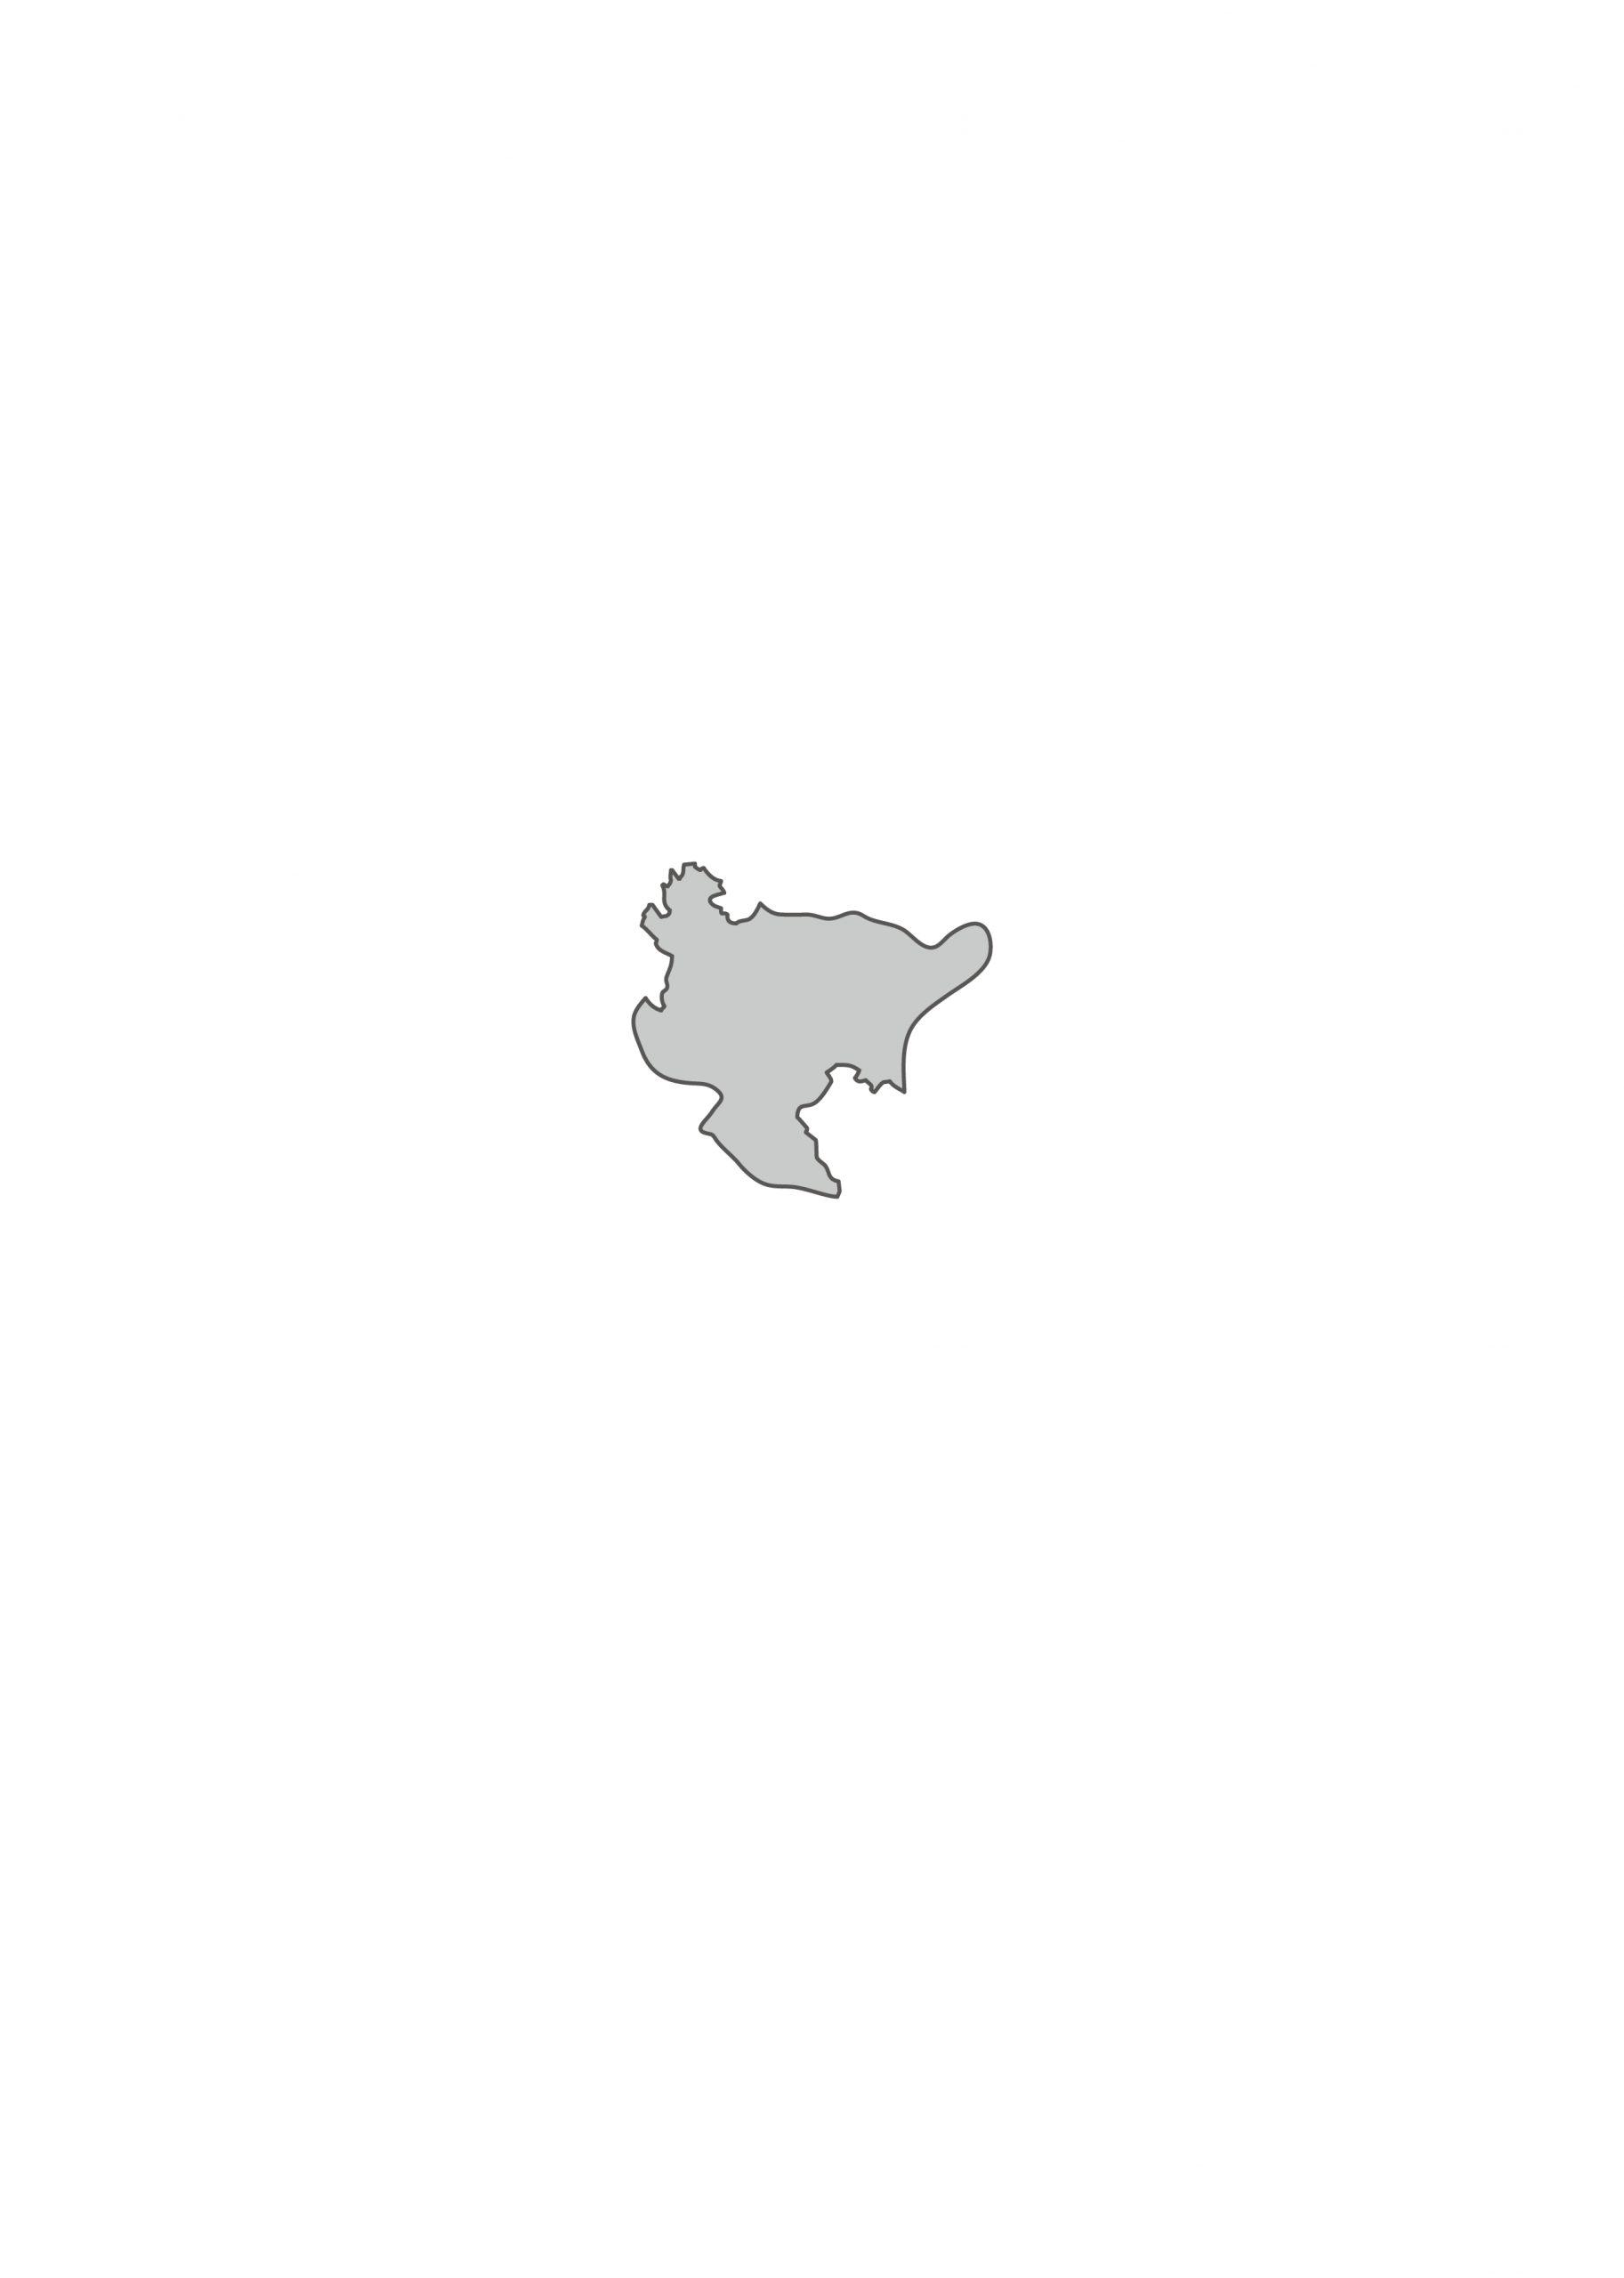 佐賀県無料フリーイラスト|文字なし(グレー)